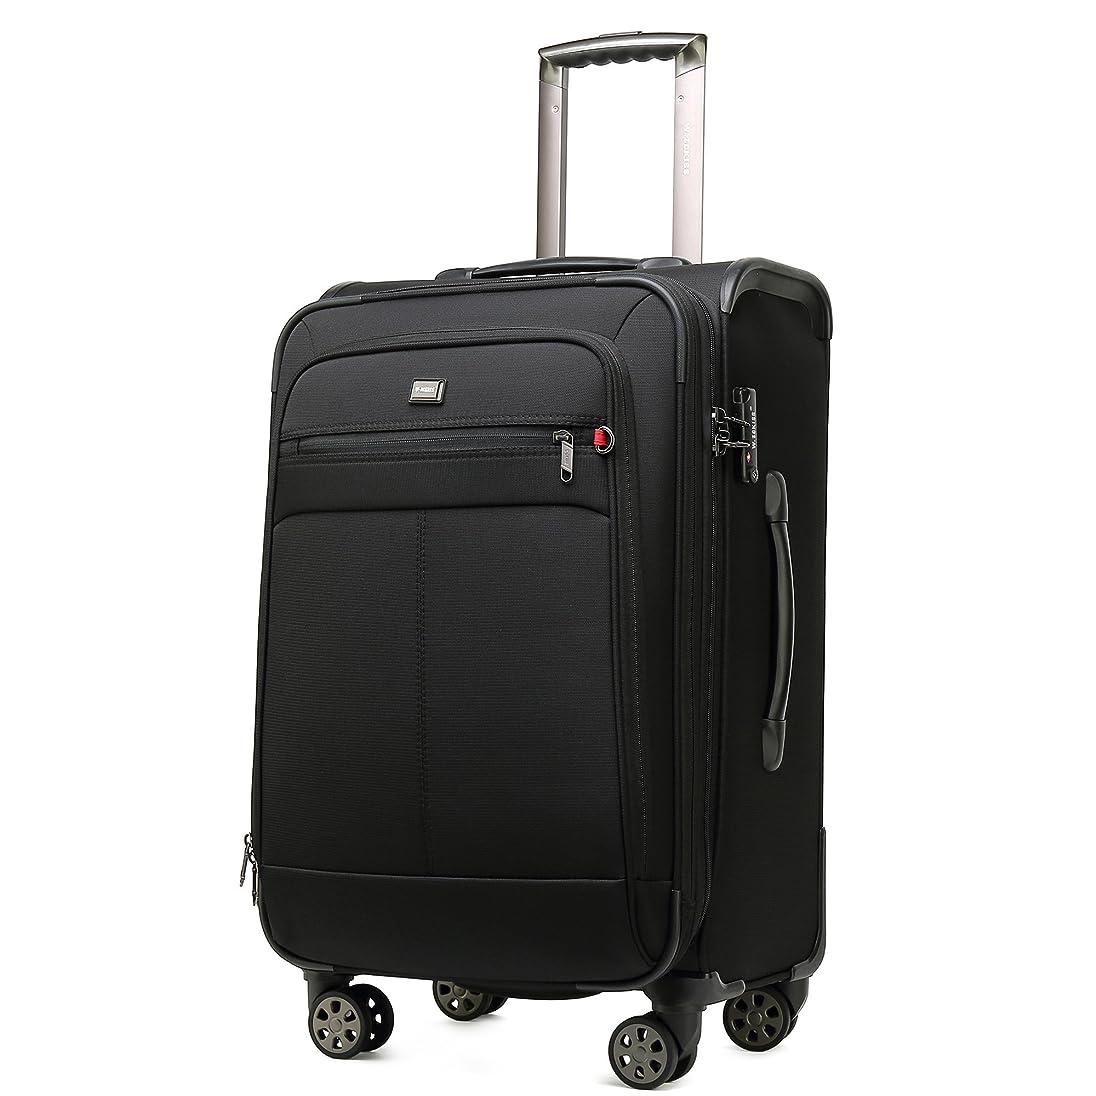 意気込み明らか求人クロース(Kroeus) ソフトキャリーバッグ TSAロック スーツケース 大型キャスター マチ拡張 大容量 軽量 旅行 出張 ネームタグ付 防塵カバー